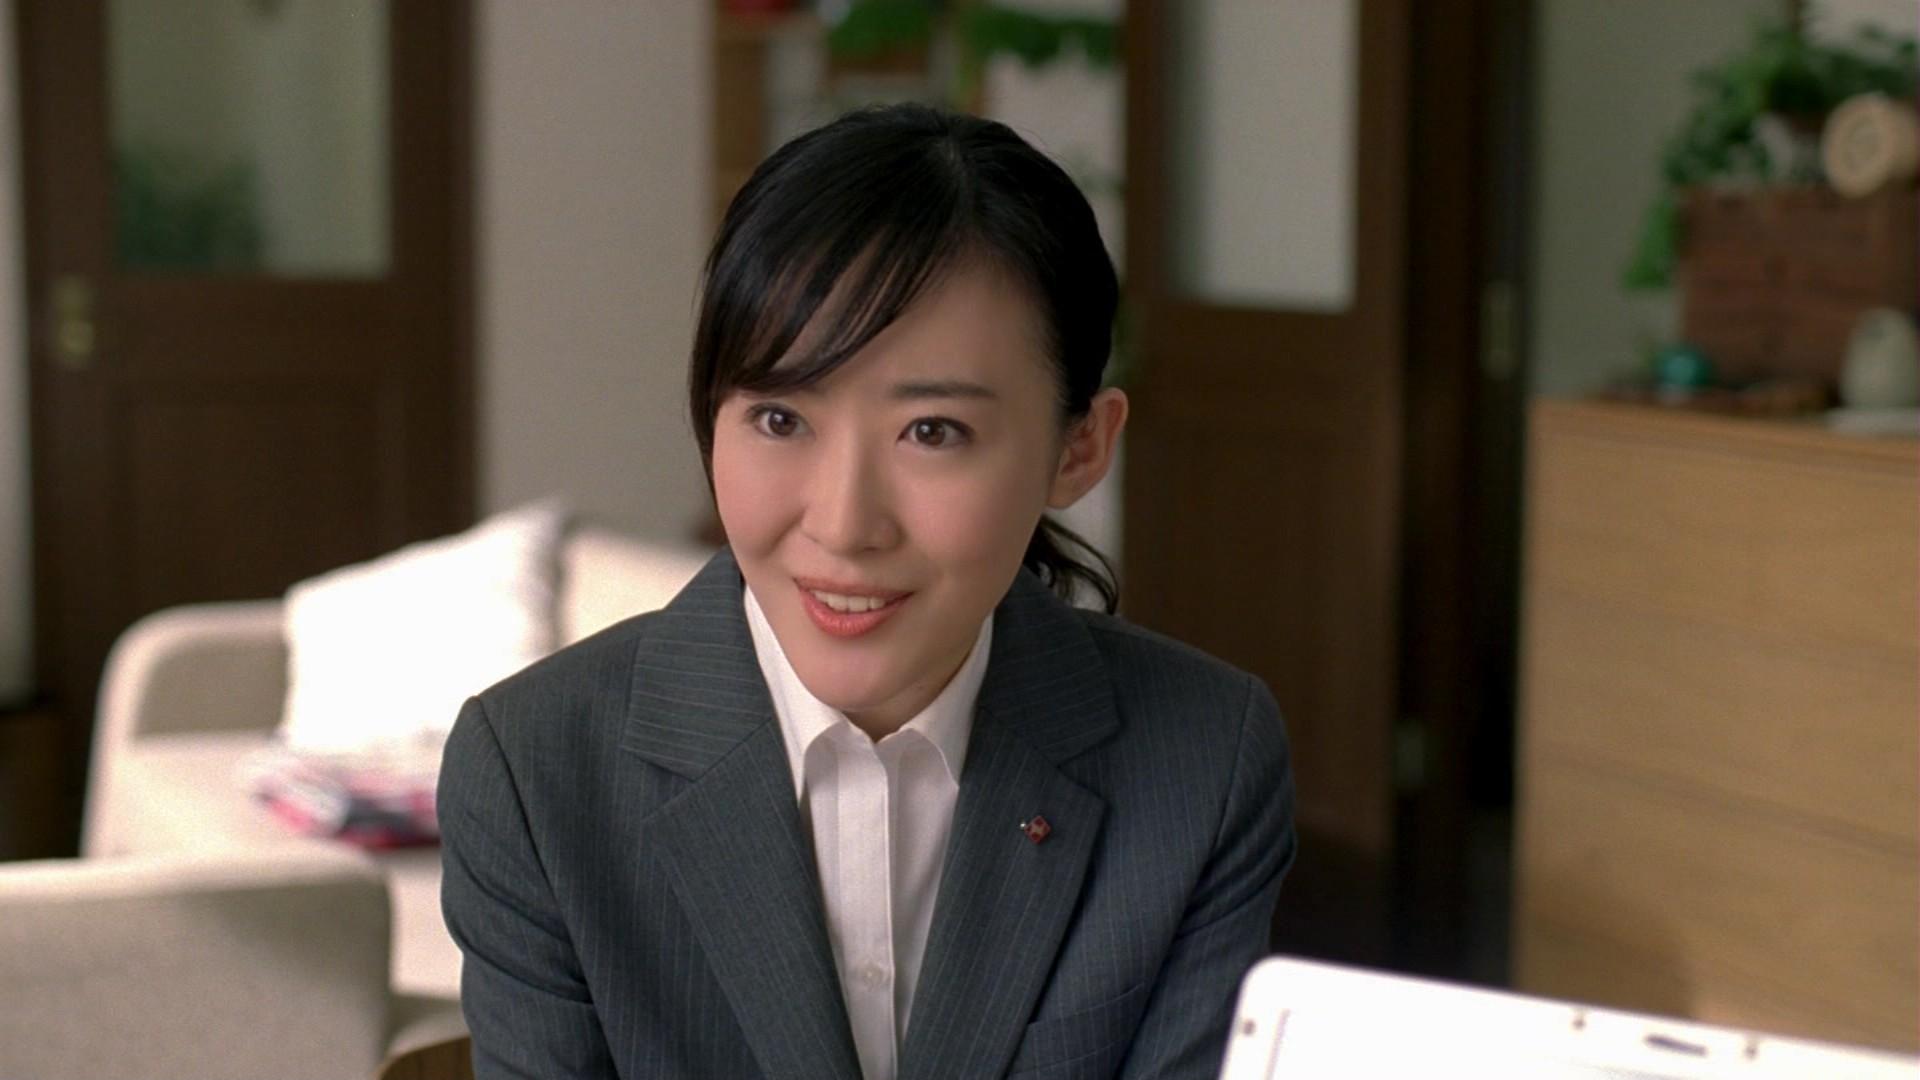 http://livedoor.blogimg.jp/konnnatv/imgs/8/0/80e1baee.jpg